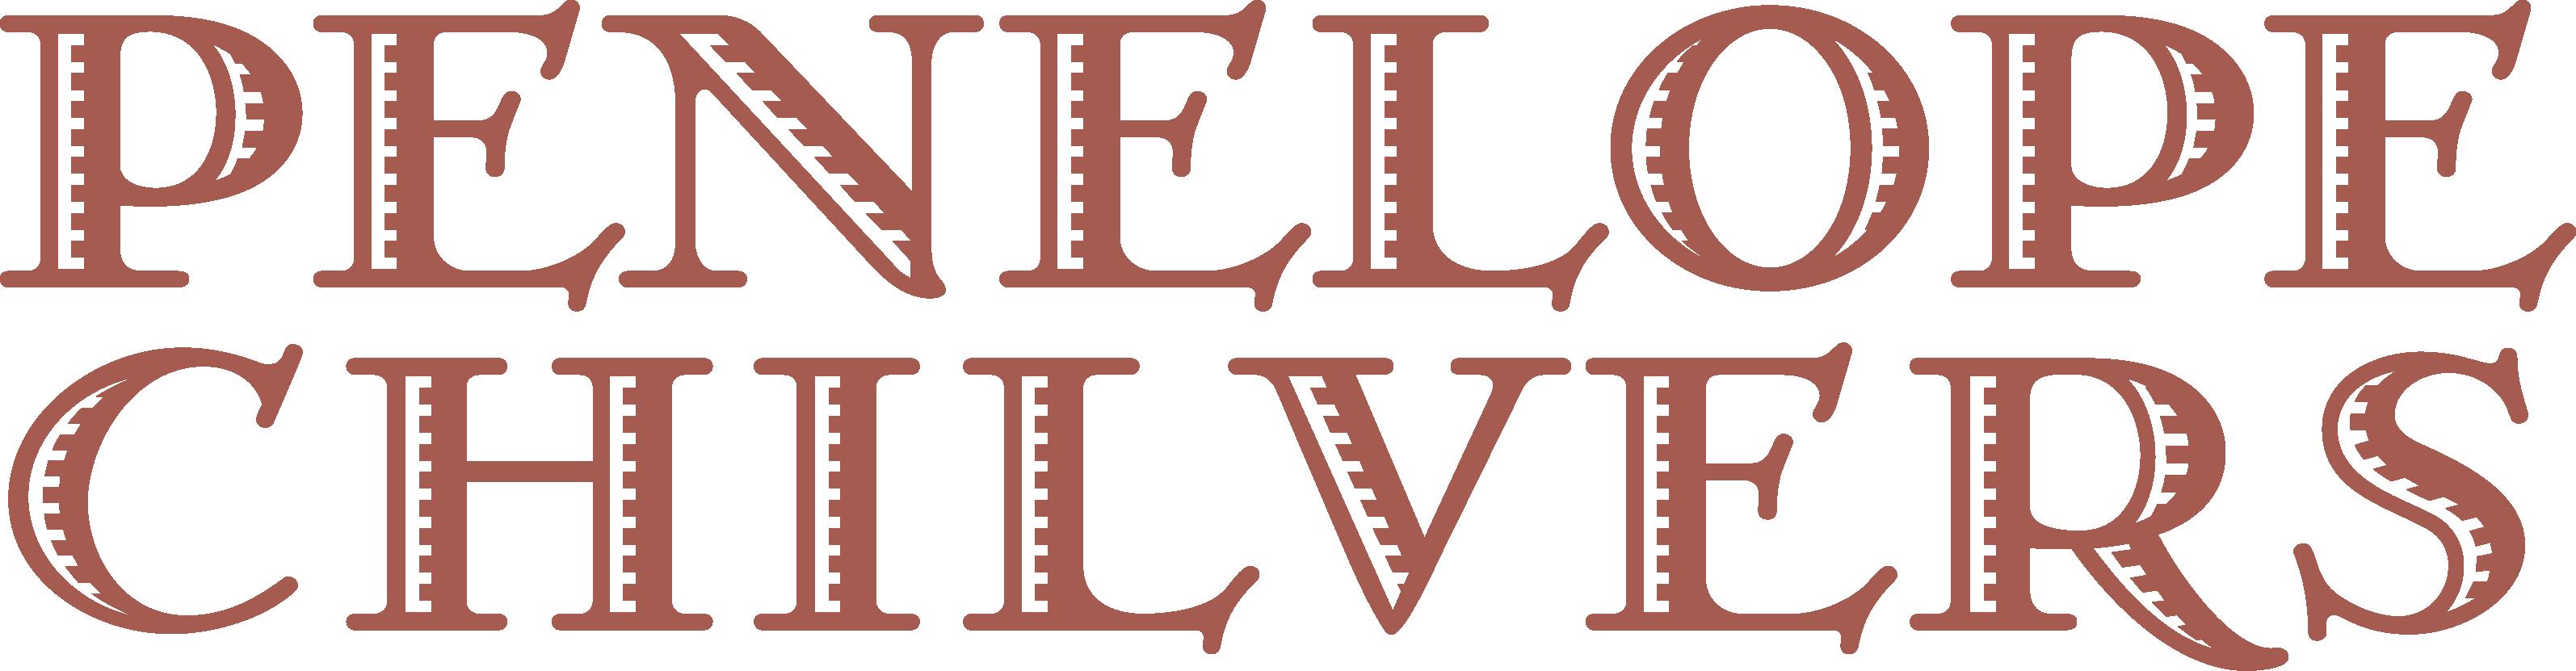 CELLO VELVET BAG